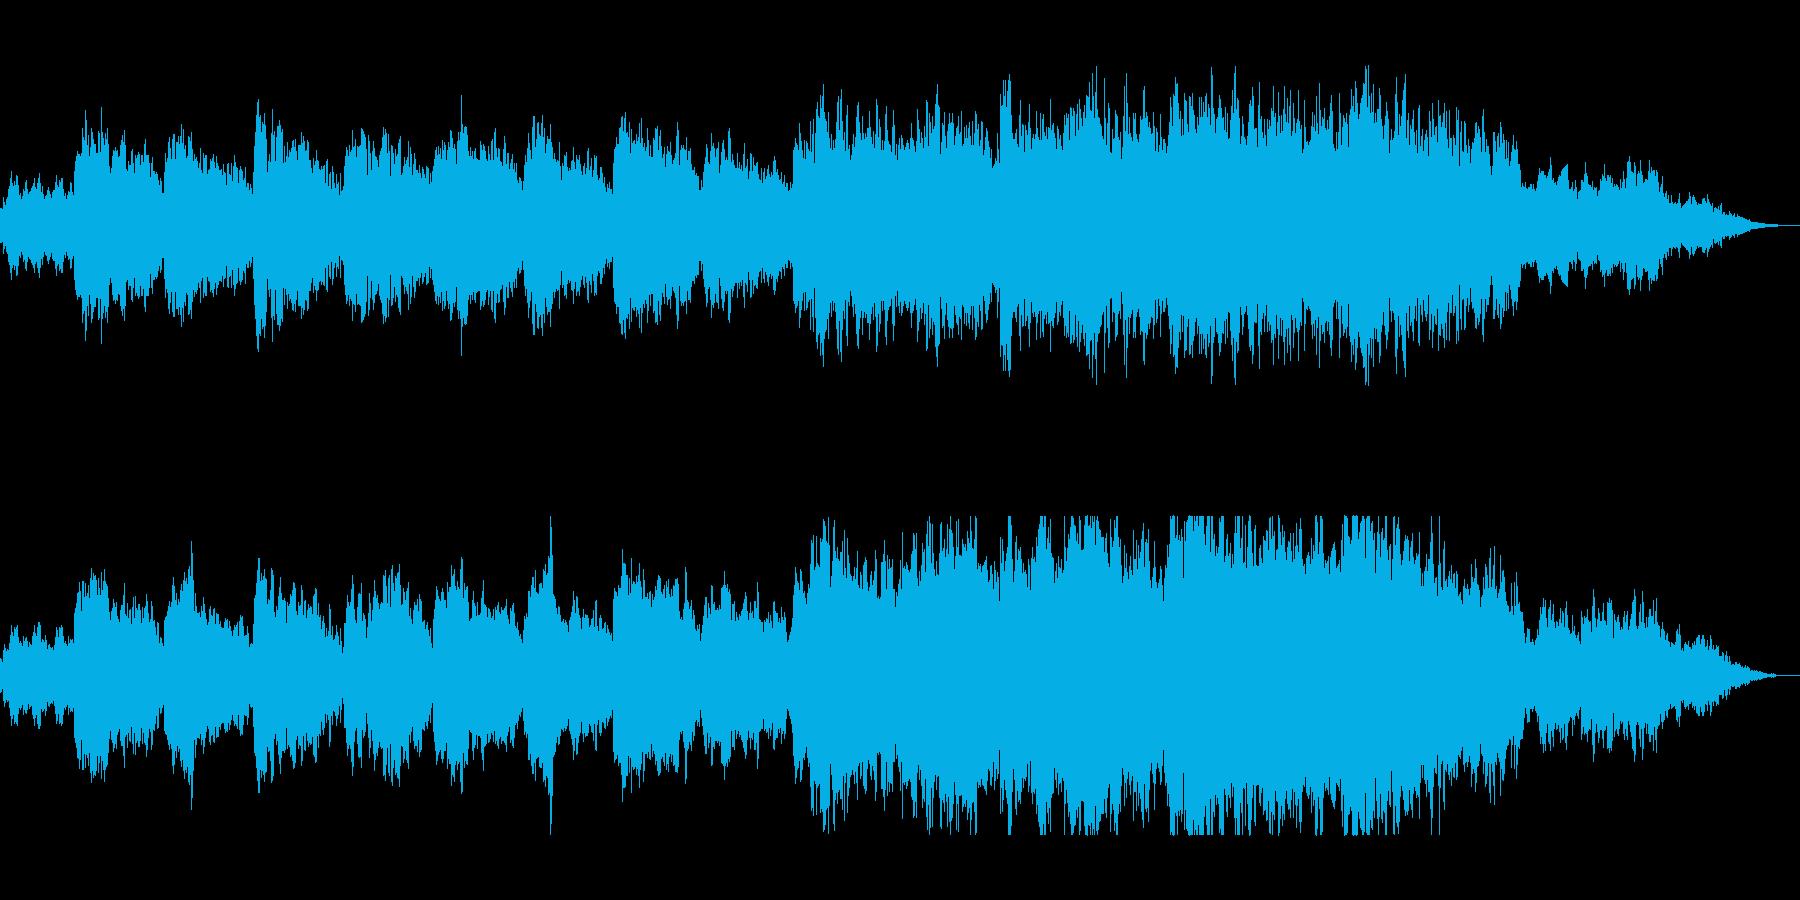 ゆったり不思議なビオラのヒーリングの曲の再生済みの波形